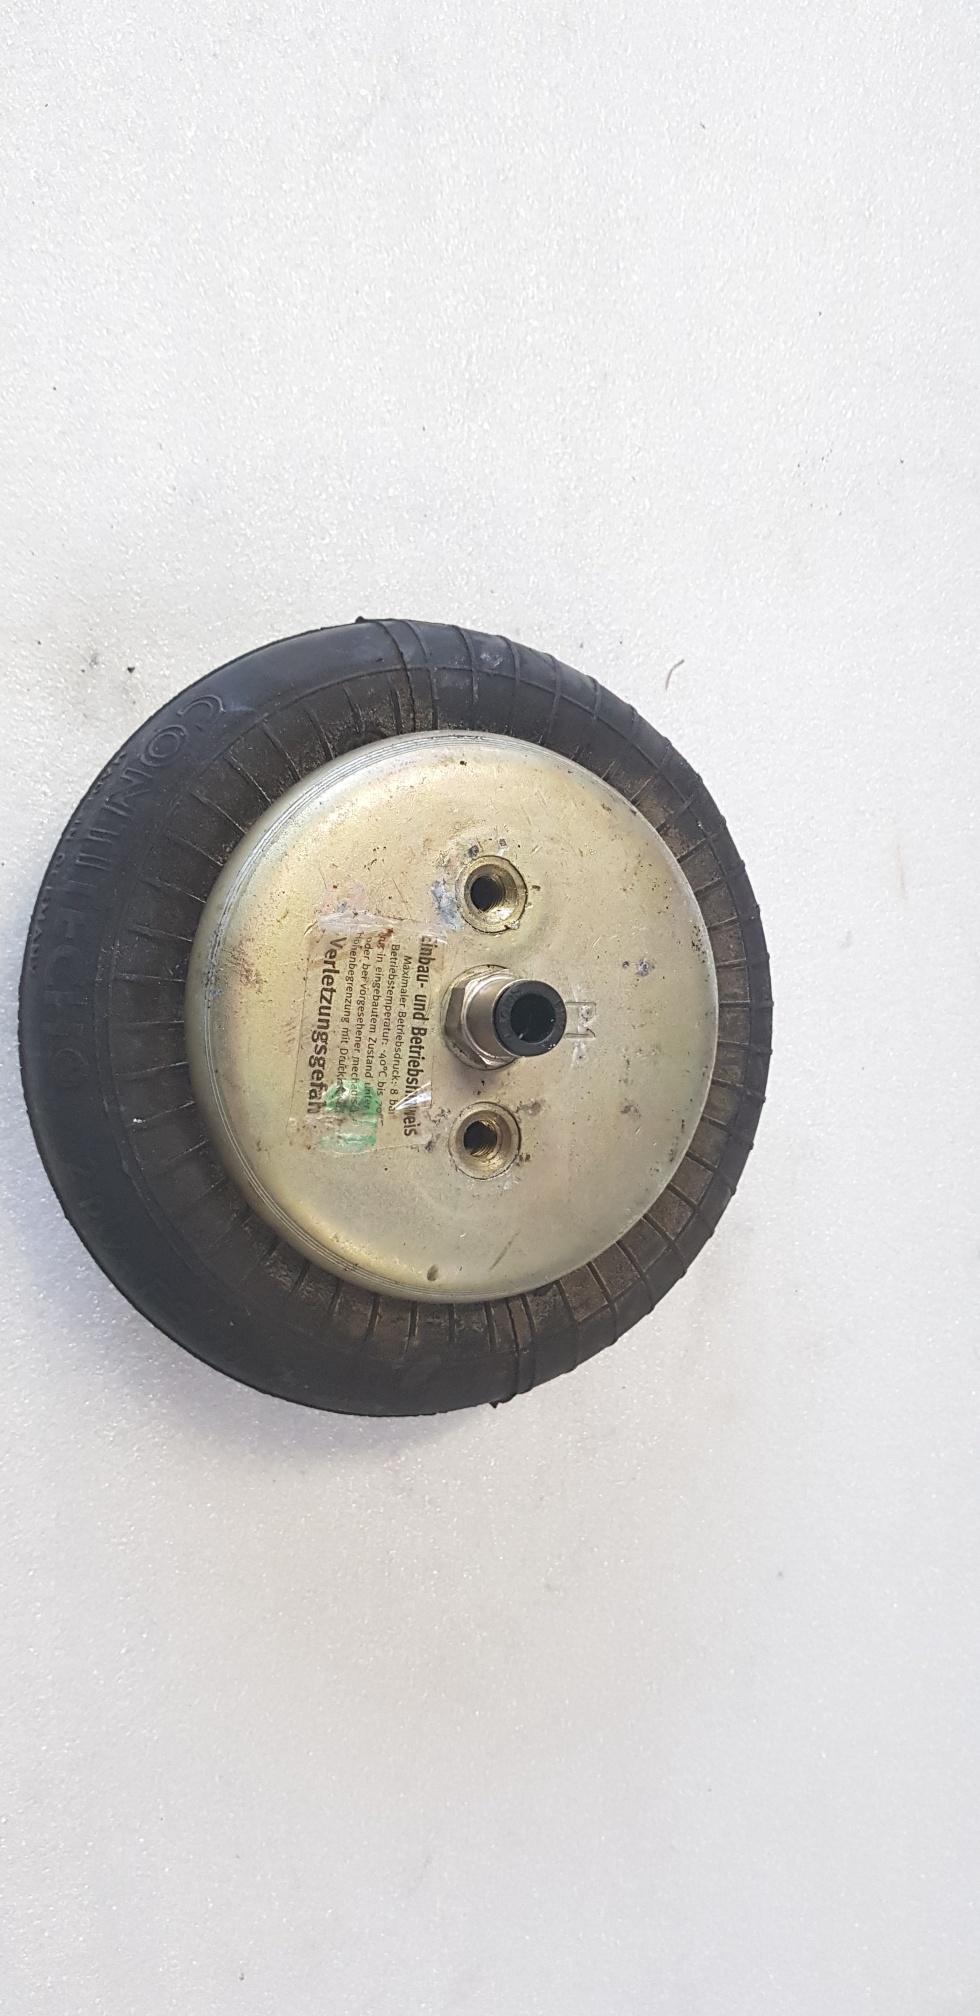 Poduszka pneumatyczna/powietrzna Contitech FS 70-7